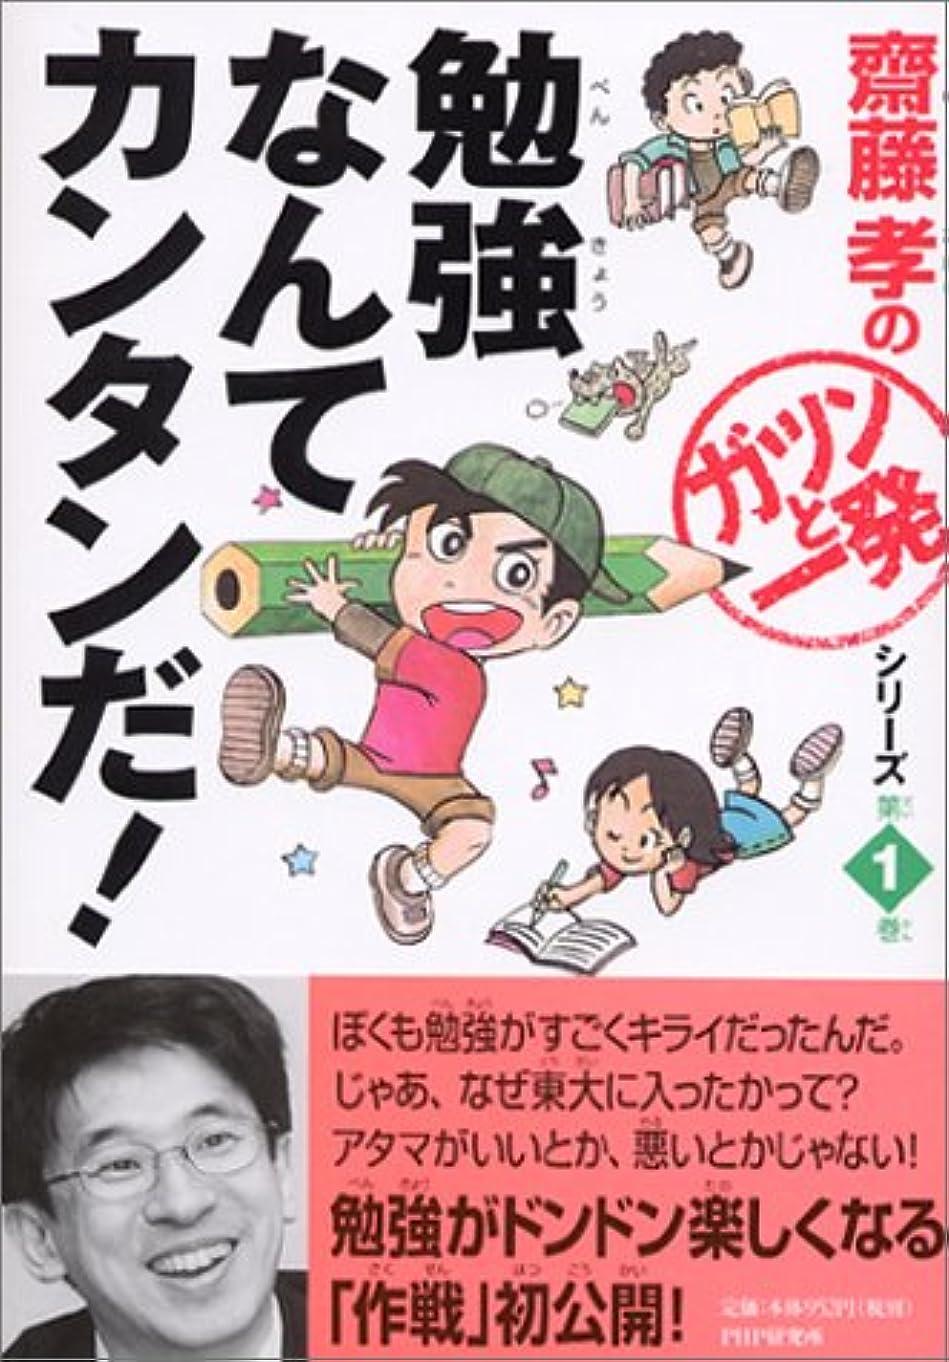 無ダッシュオーバードロー勉強なんてカンタンだ! 齋藤孝の「ガツンと一発」シリーズ 第(1)巻